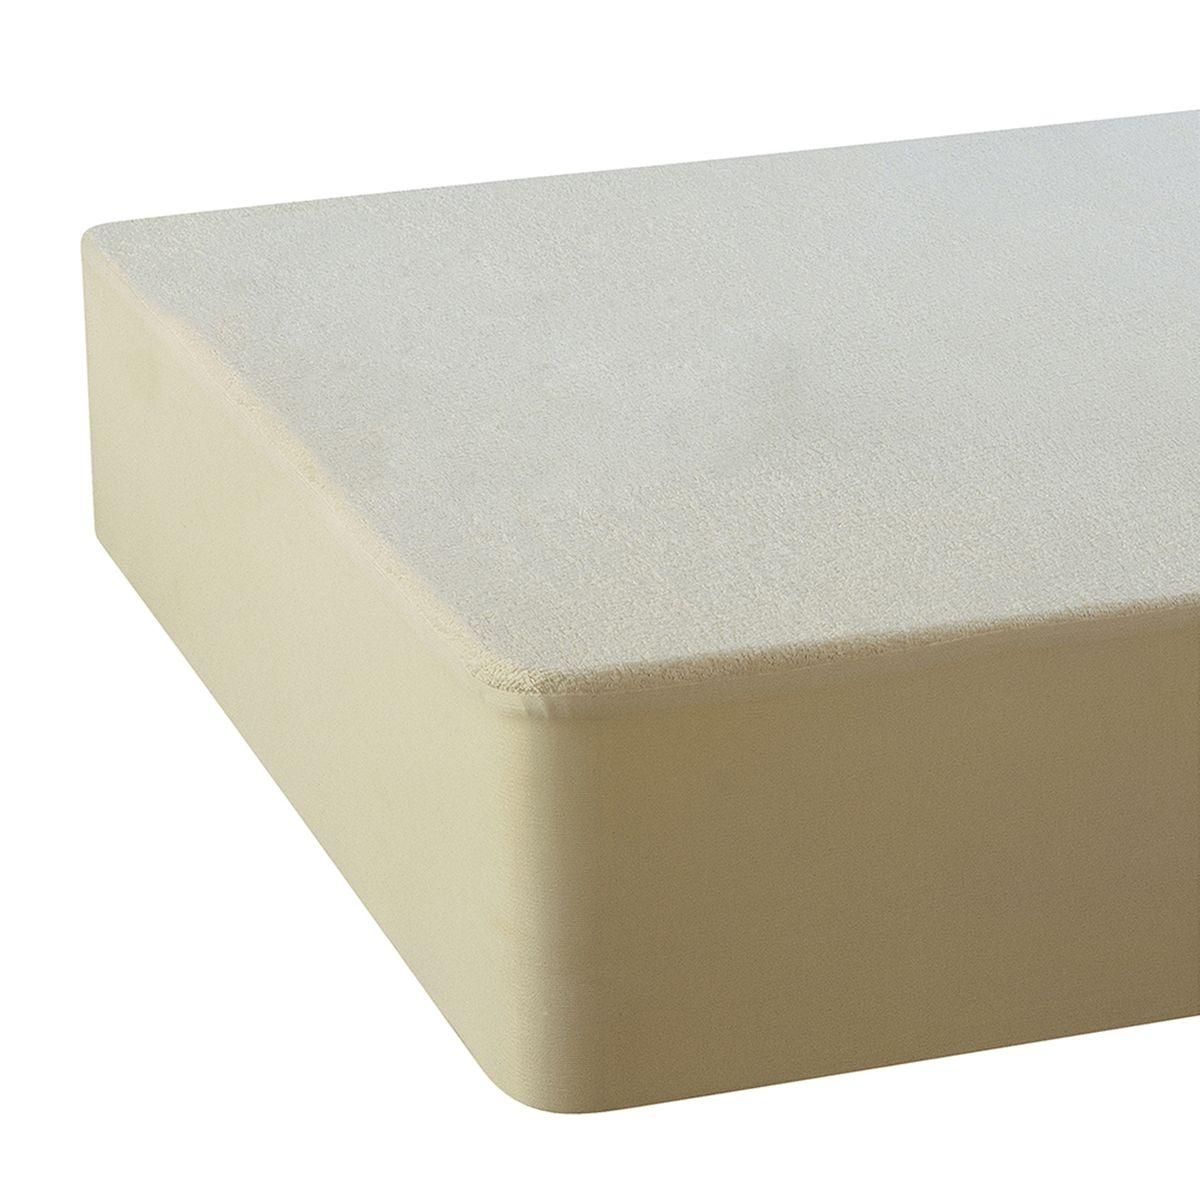 Protège-matelas imperméable traité pur essential